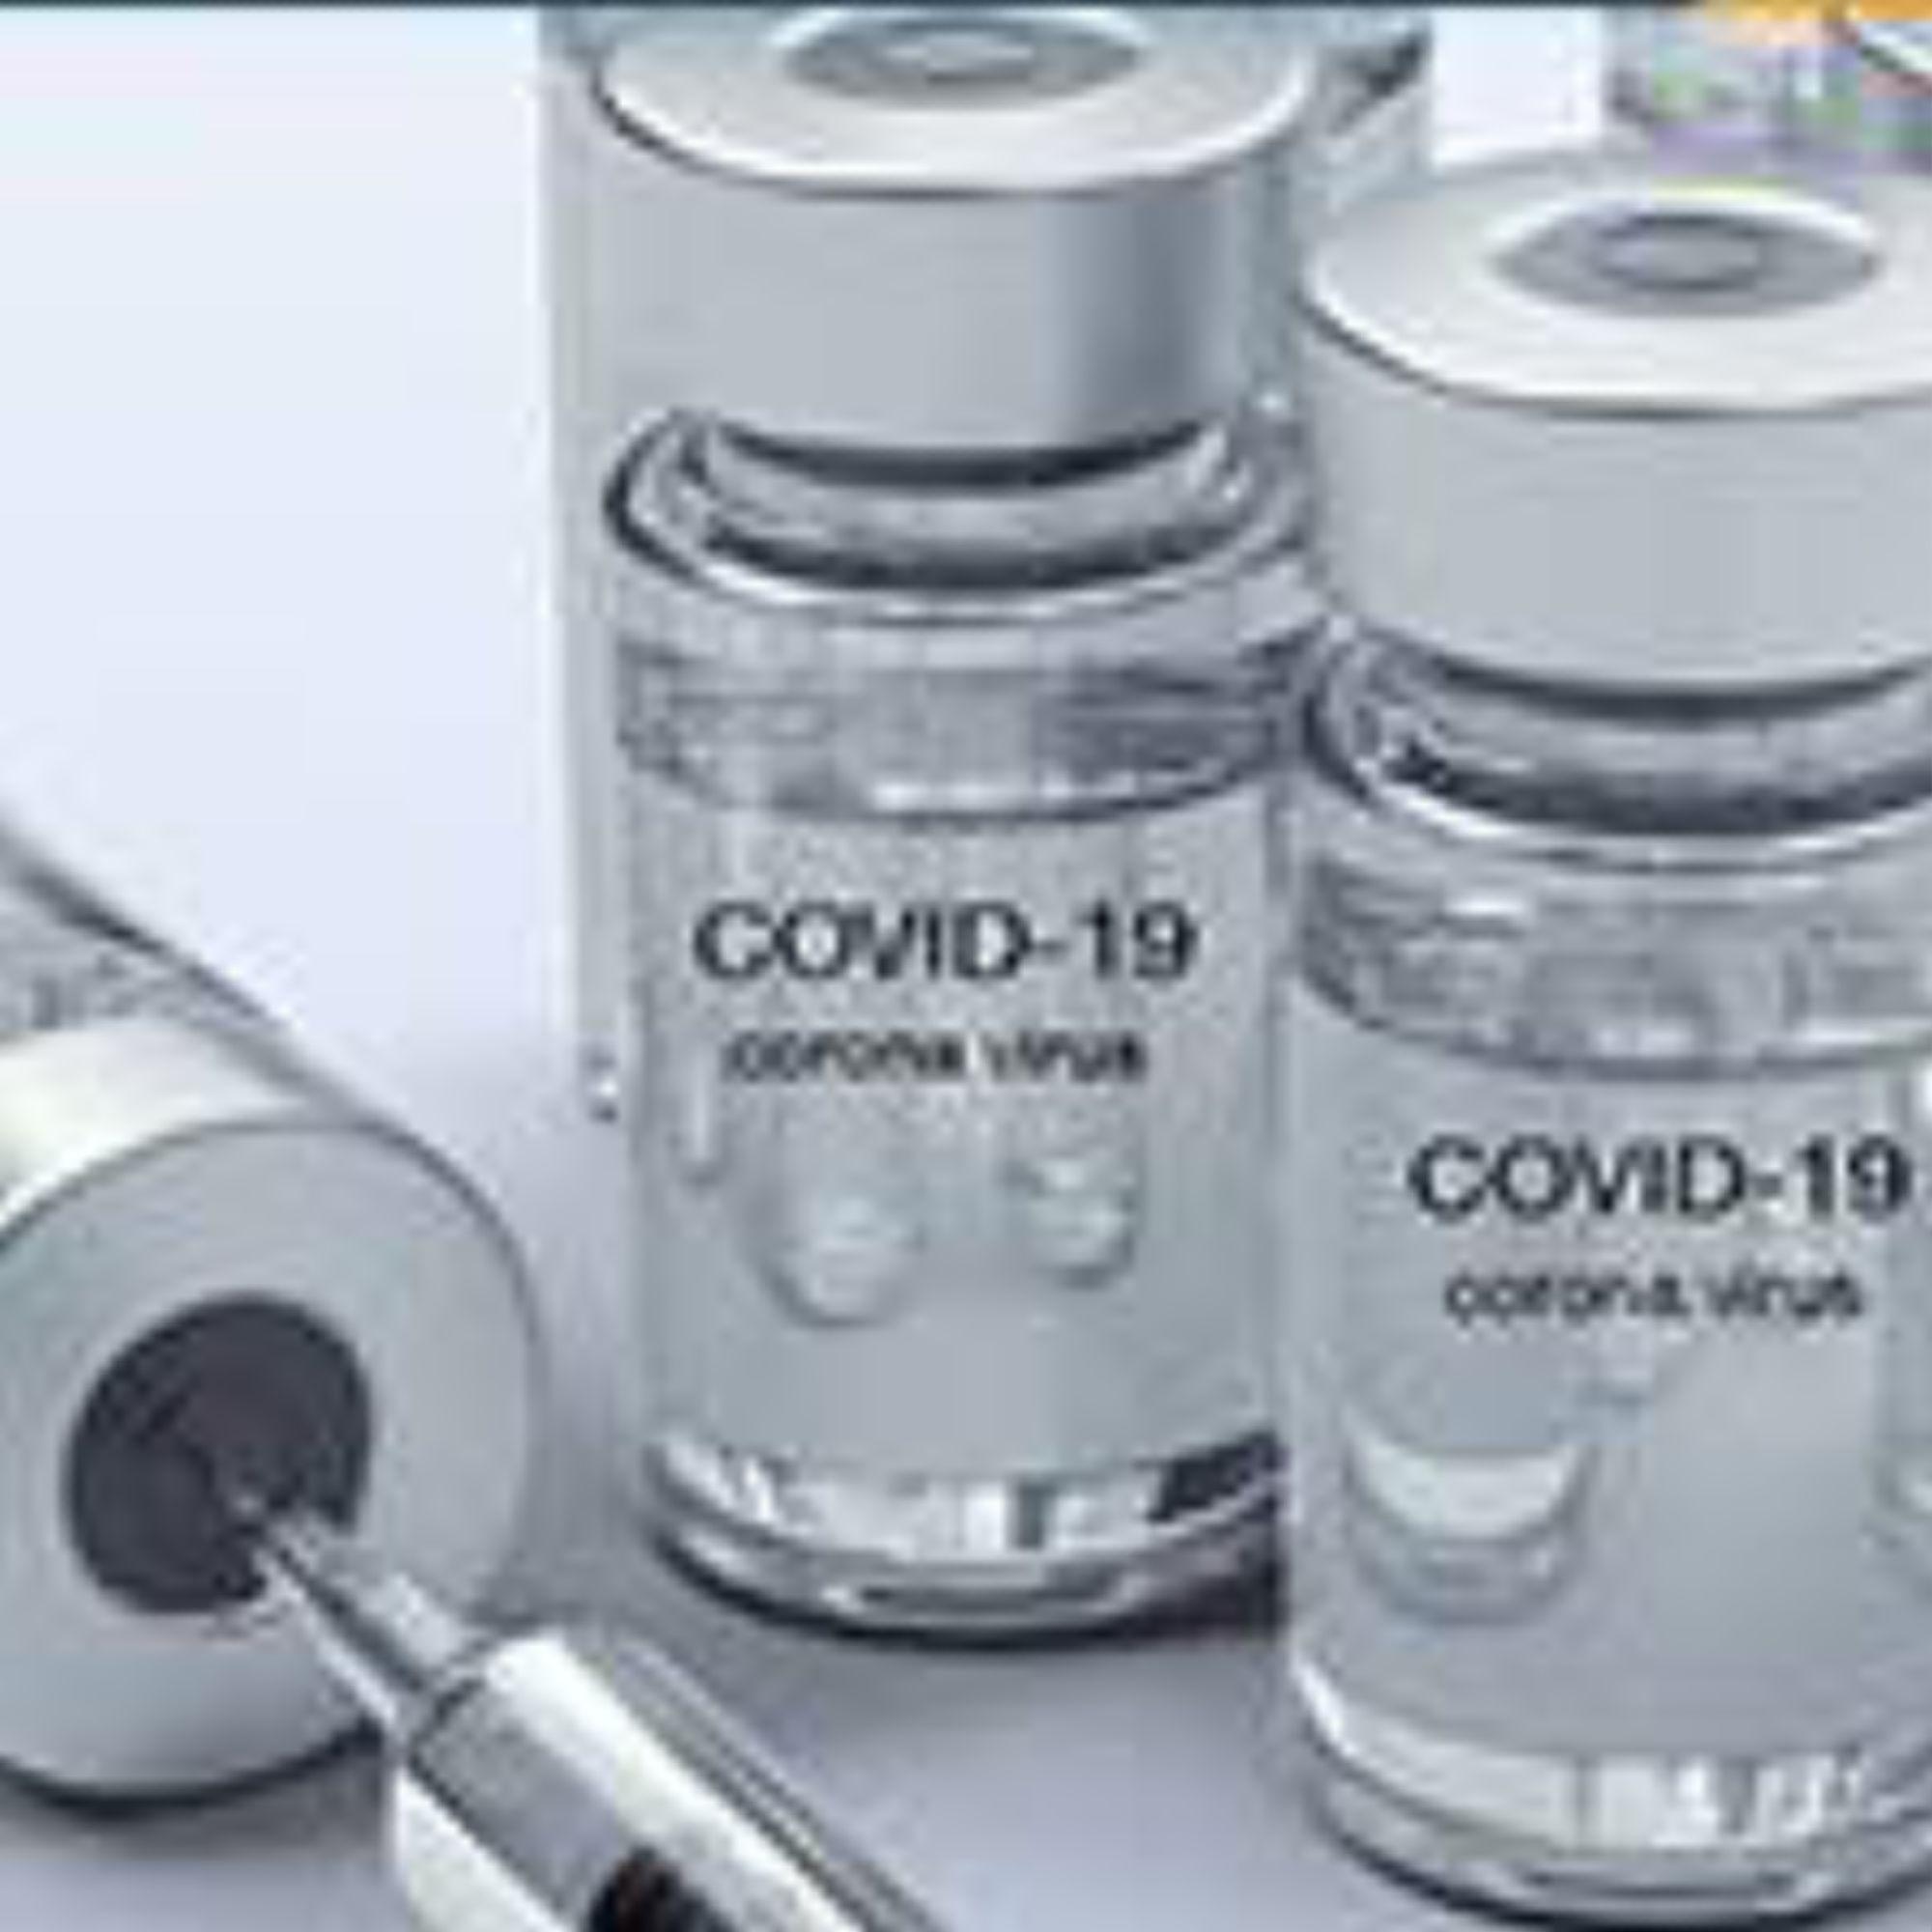 <h3>如何确保新冠疫苗在-80℃的存储和冷链?</h3>